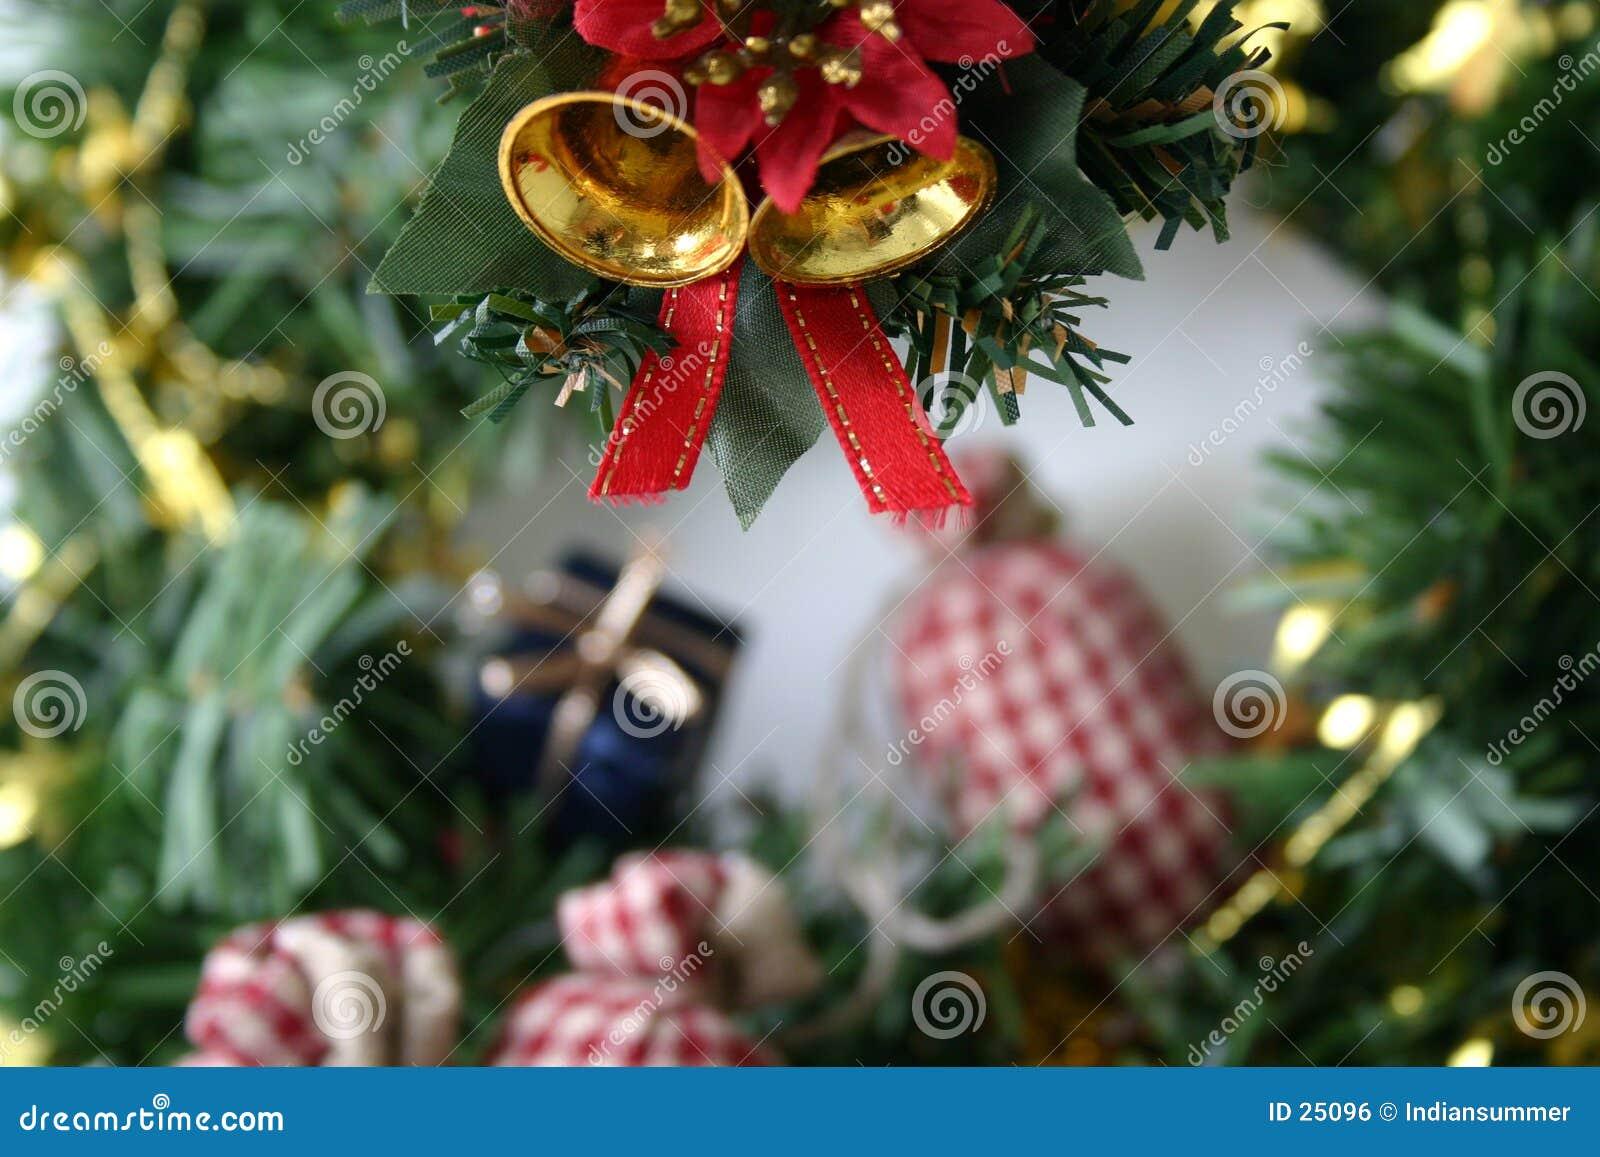 Weihnachtenc$nochlebensdauer